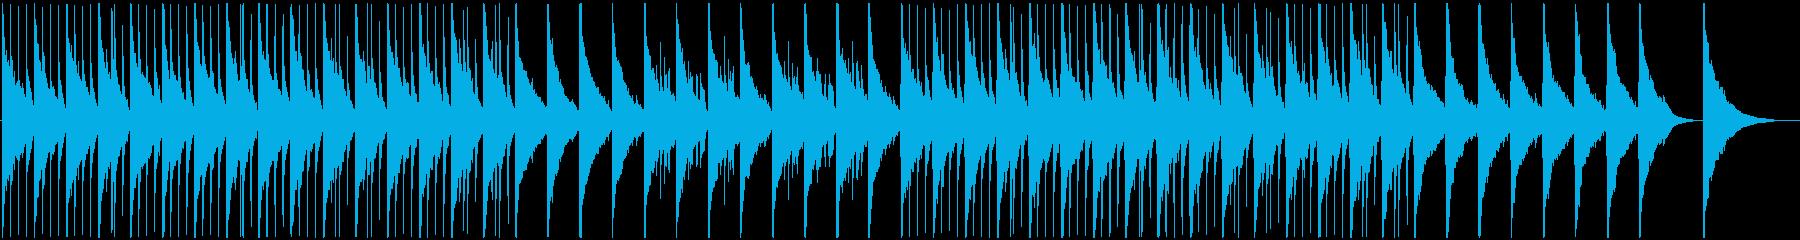 温かくて優しい子守り歌的なベルの楽曲の再生済みの波形